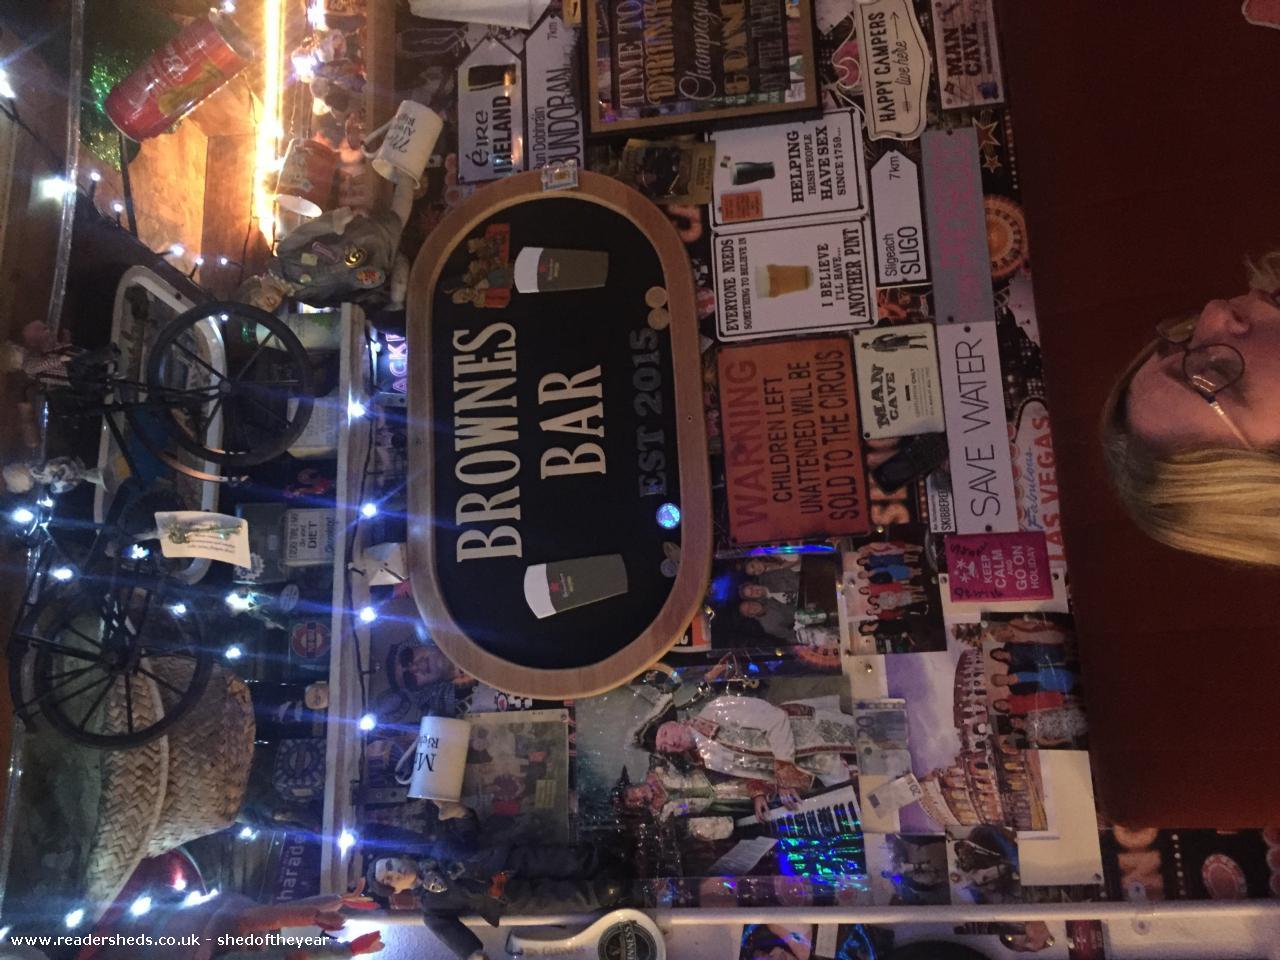 Brownes's bar